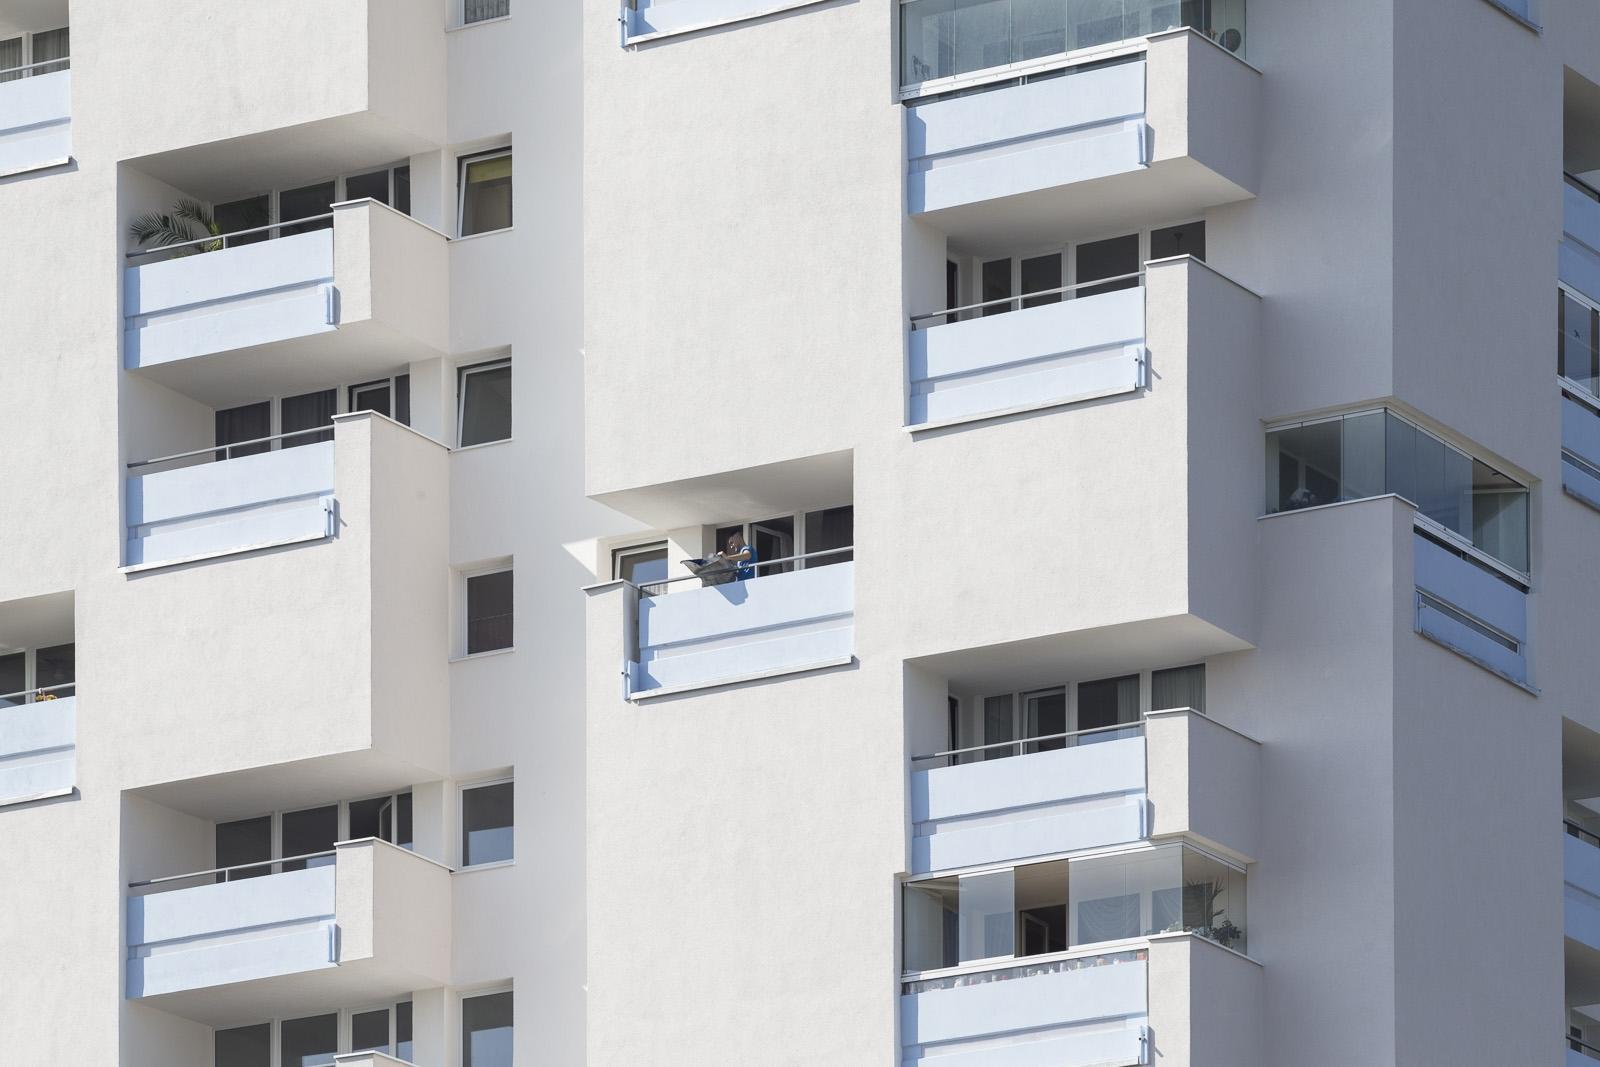 SAKRET Referenz Fassadensanierung WDVS Braunschweig nah